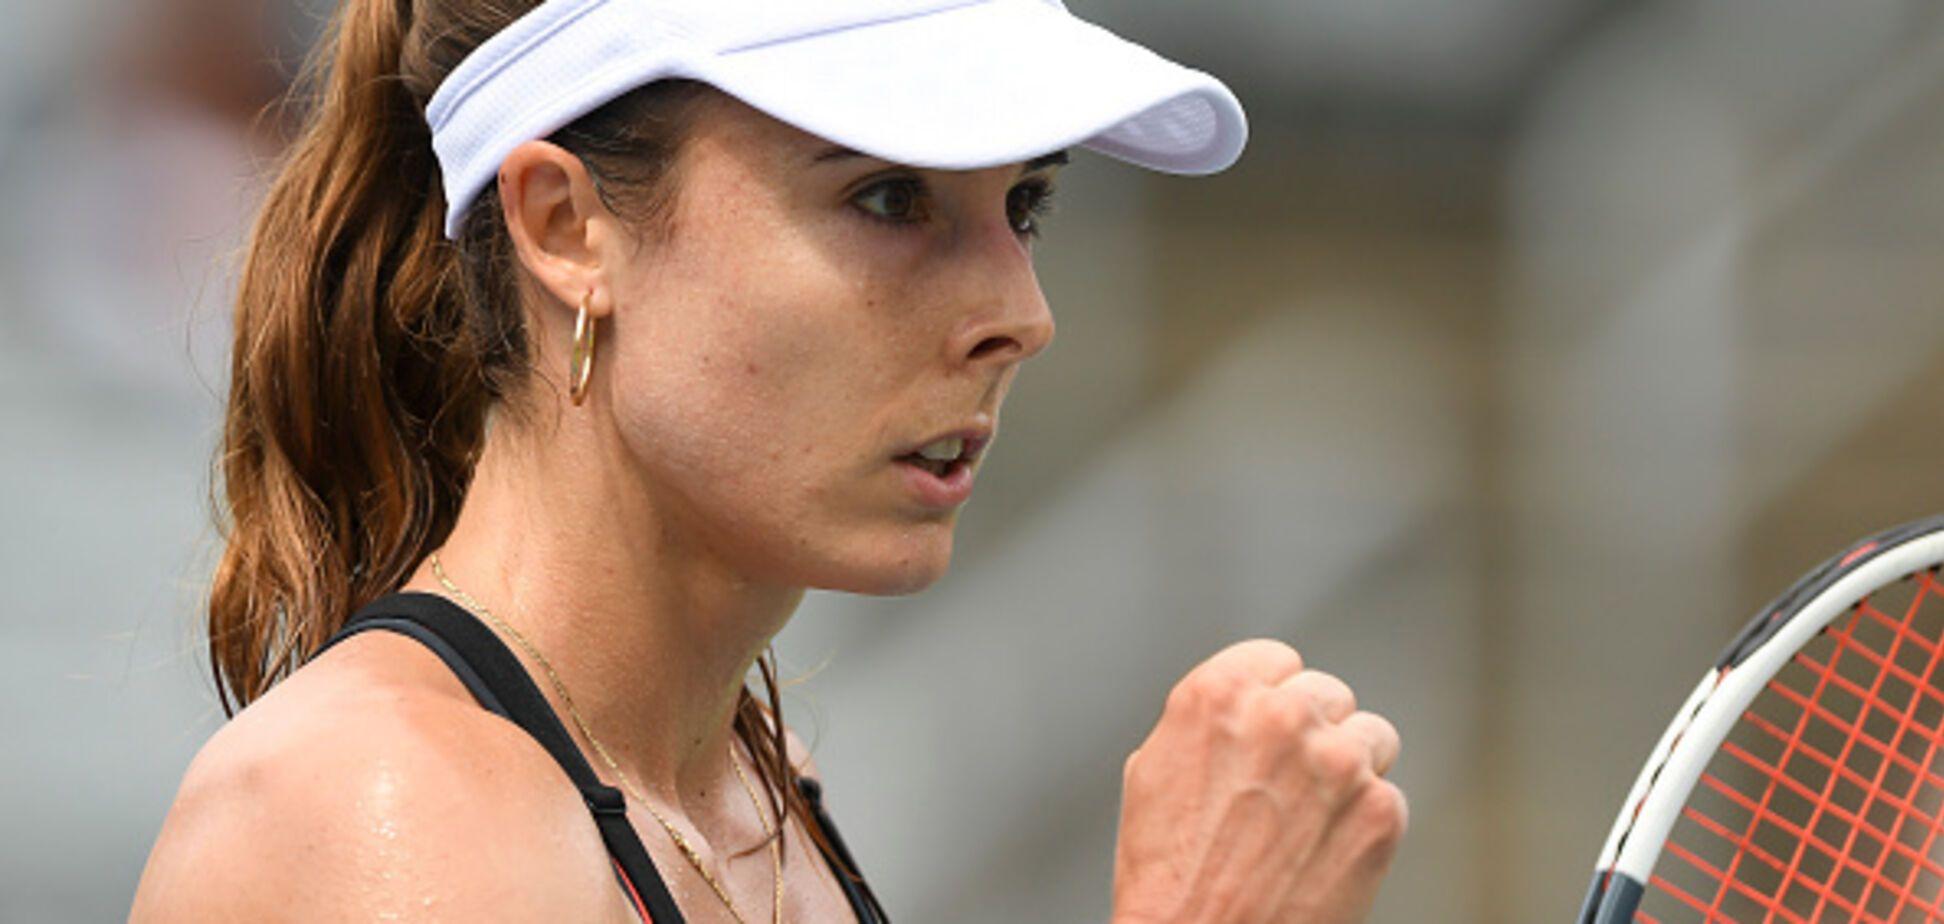 Знаменитая француженка разделась на корте и изменила правила тенниса